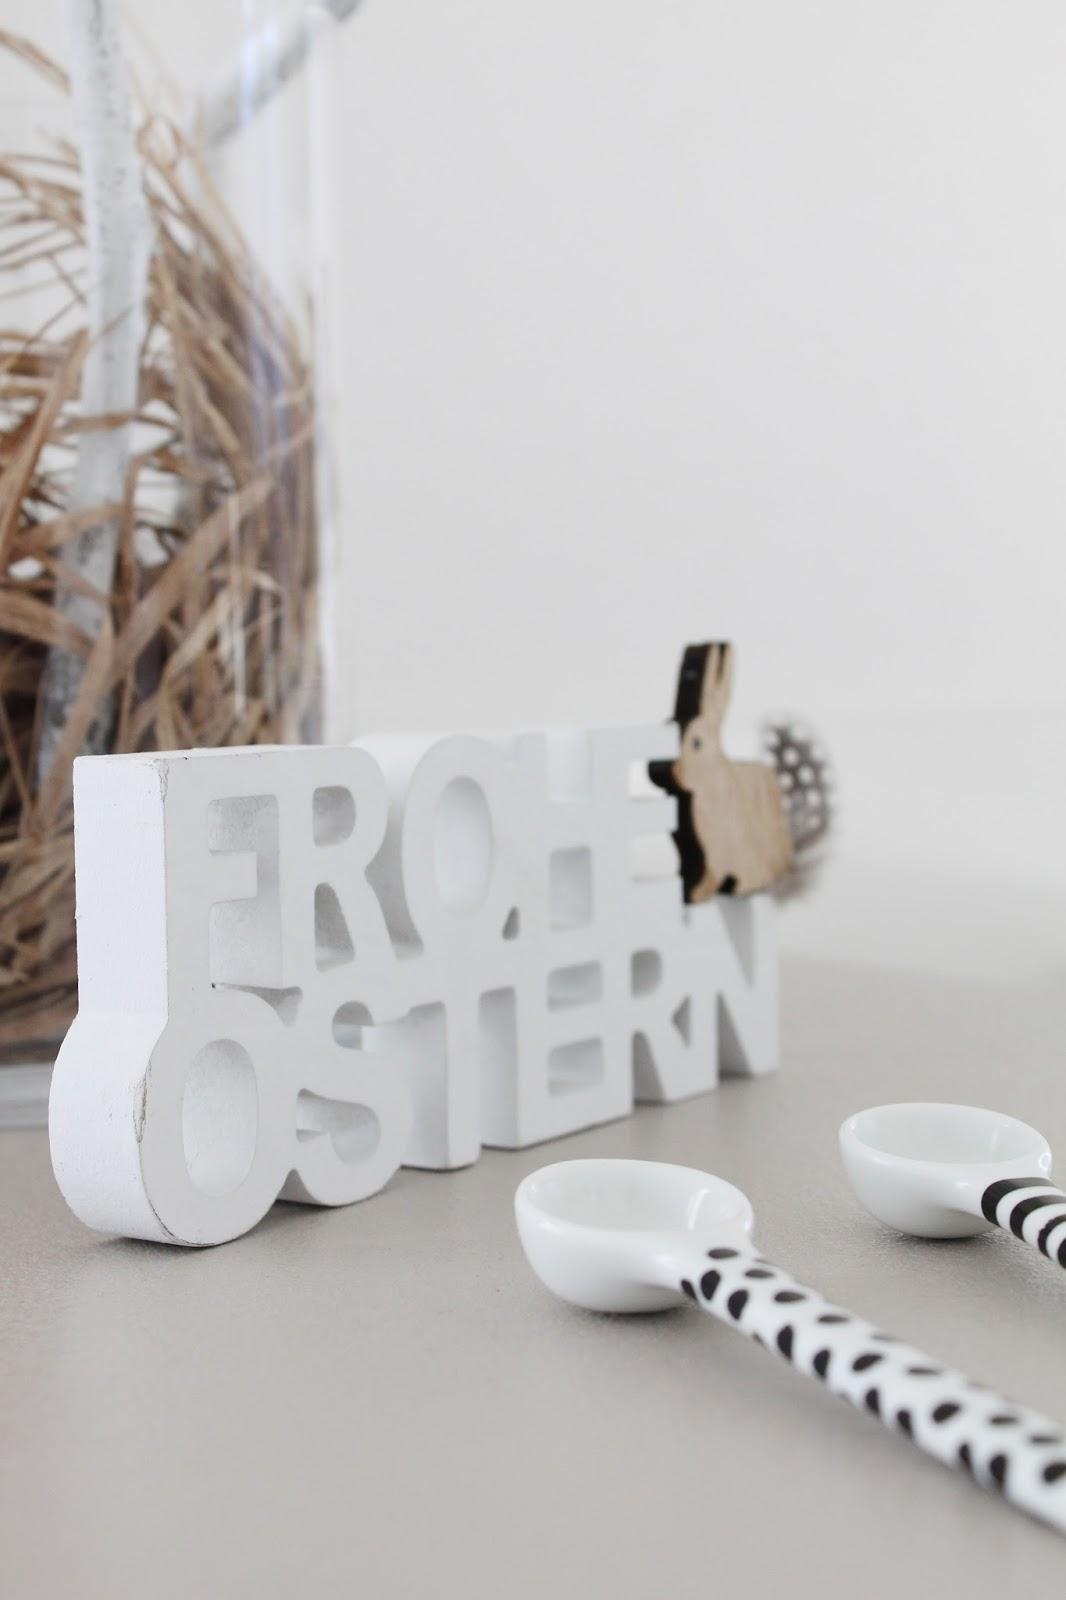 reduzierte Osterdekoration im skandinavischen Stil mit Schriftzug aus Holz